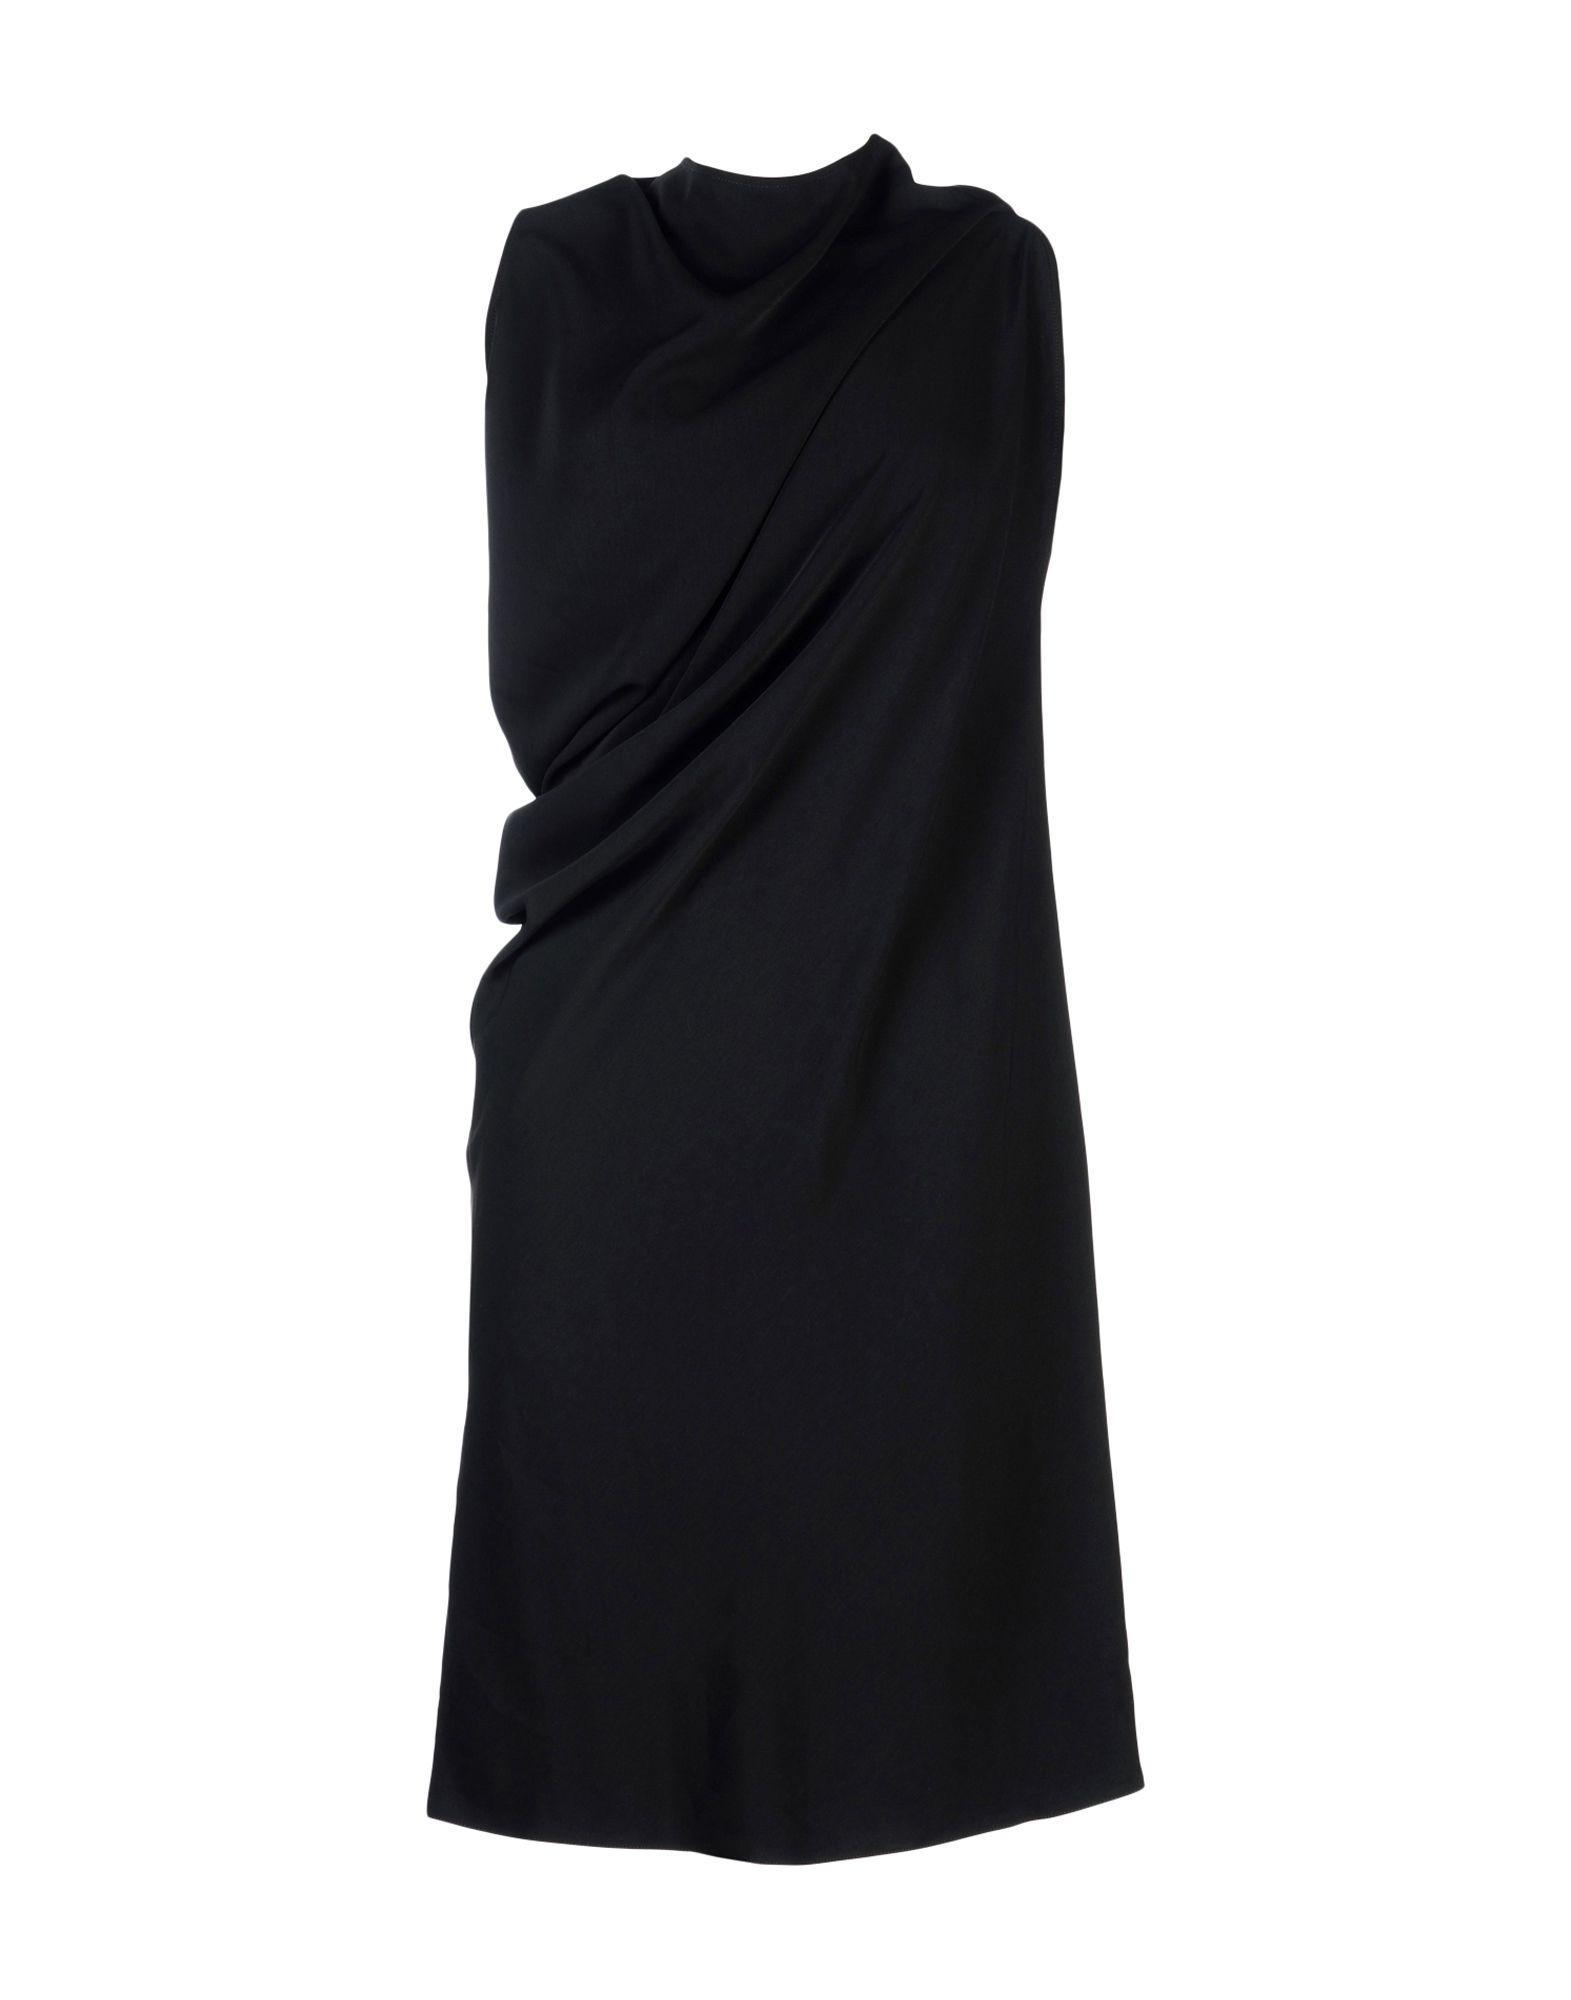 Mm6 Maison Margiela 3/4 Length Dress In Black